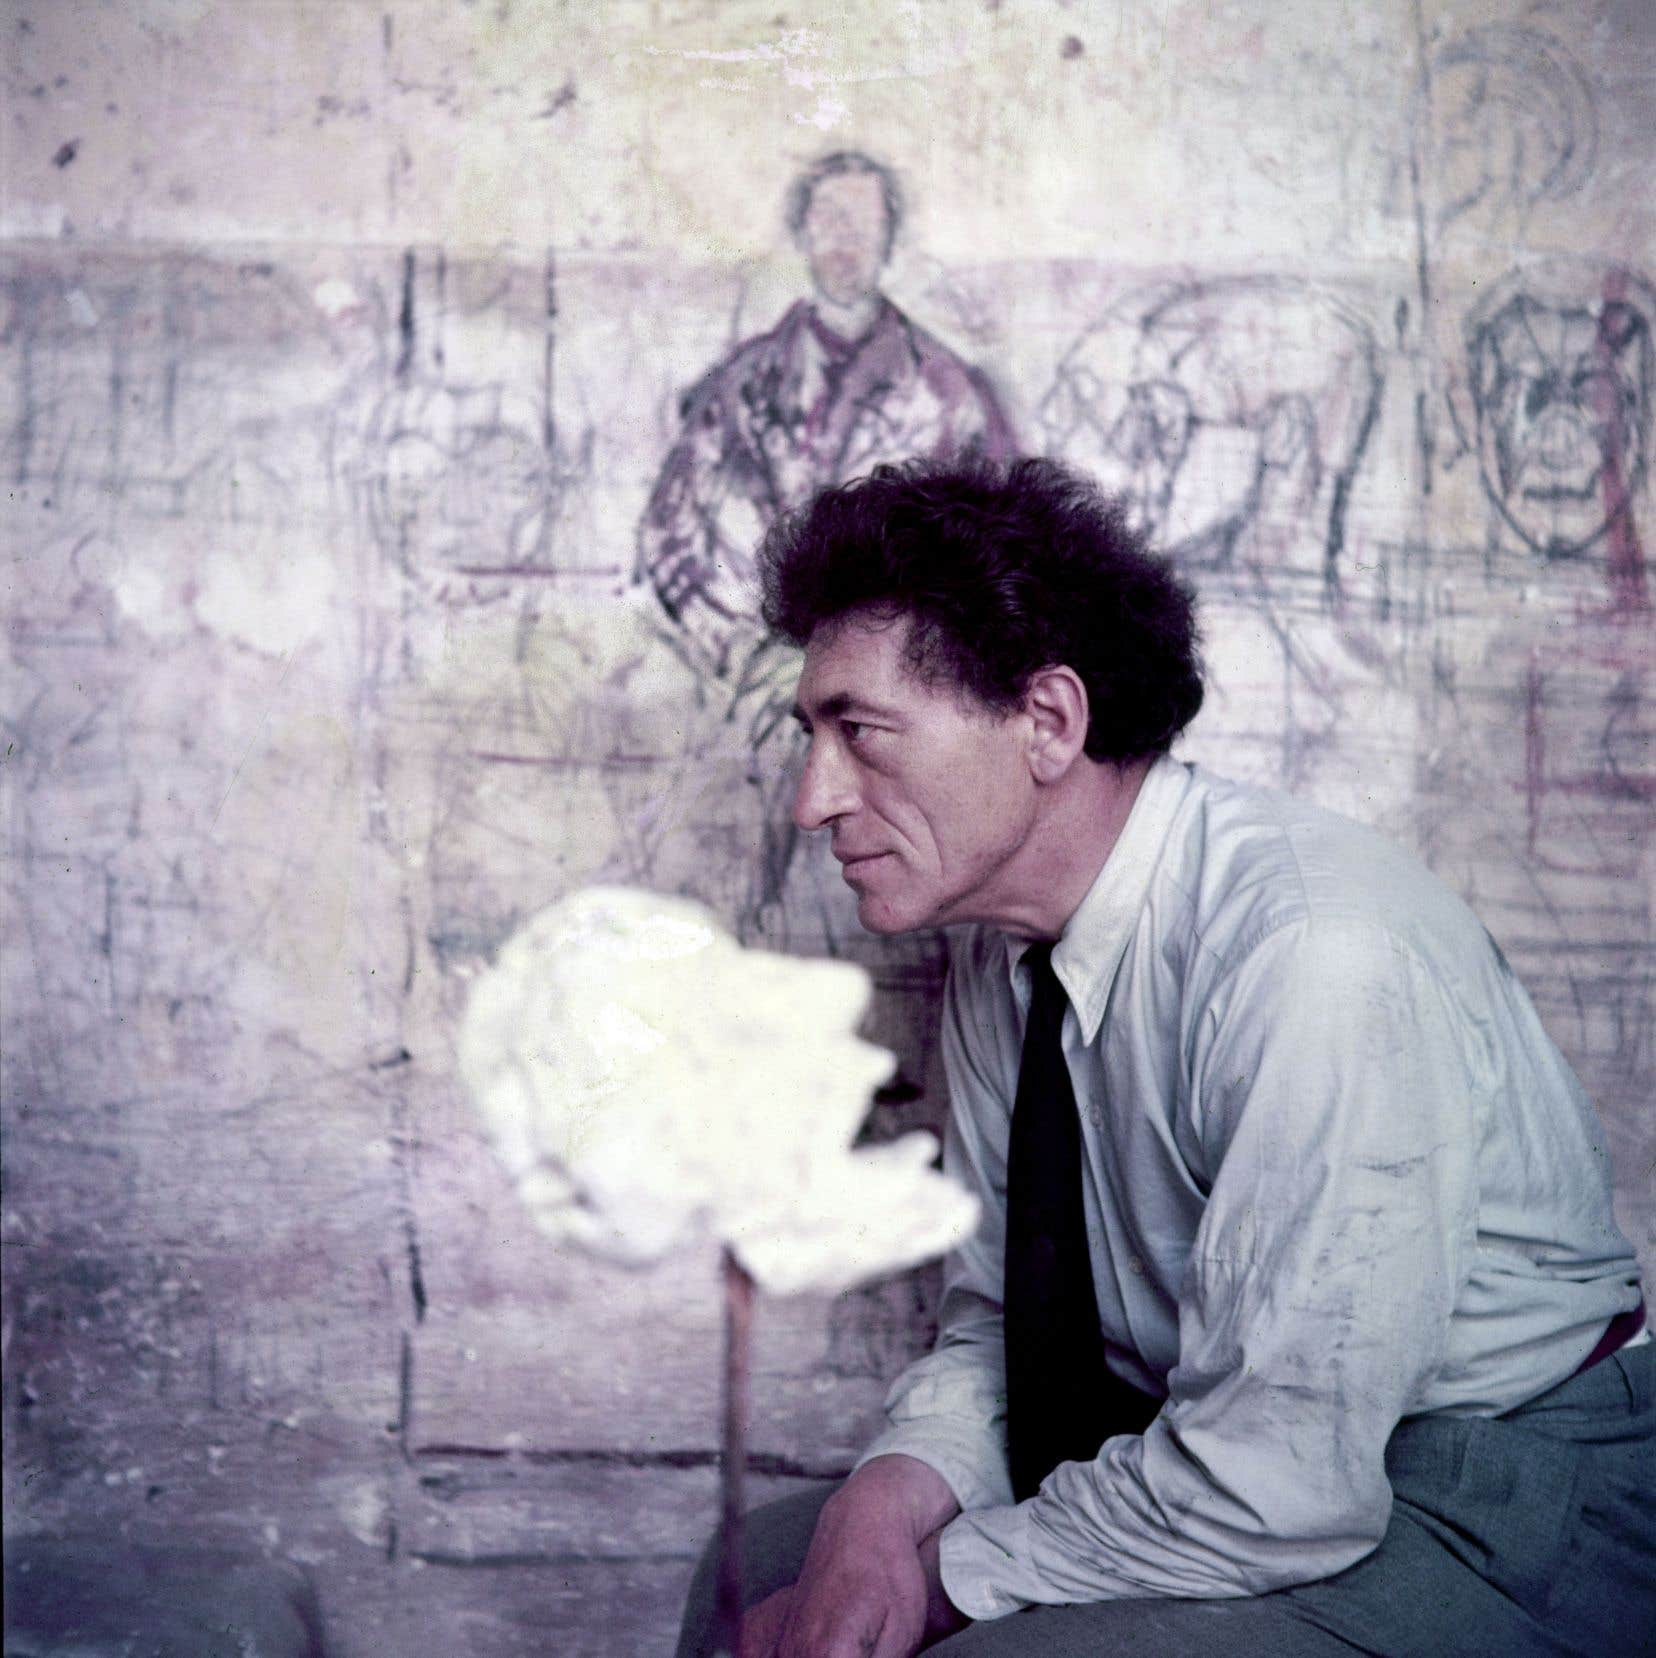 Dans son futur espace d'exposition permanent, la Fondation Giacometti reconstituera l'atelier parisien de l'artiste. Le sculpteur suisse est ici photographié en 1951.